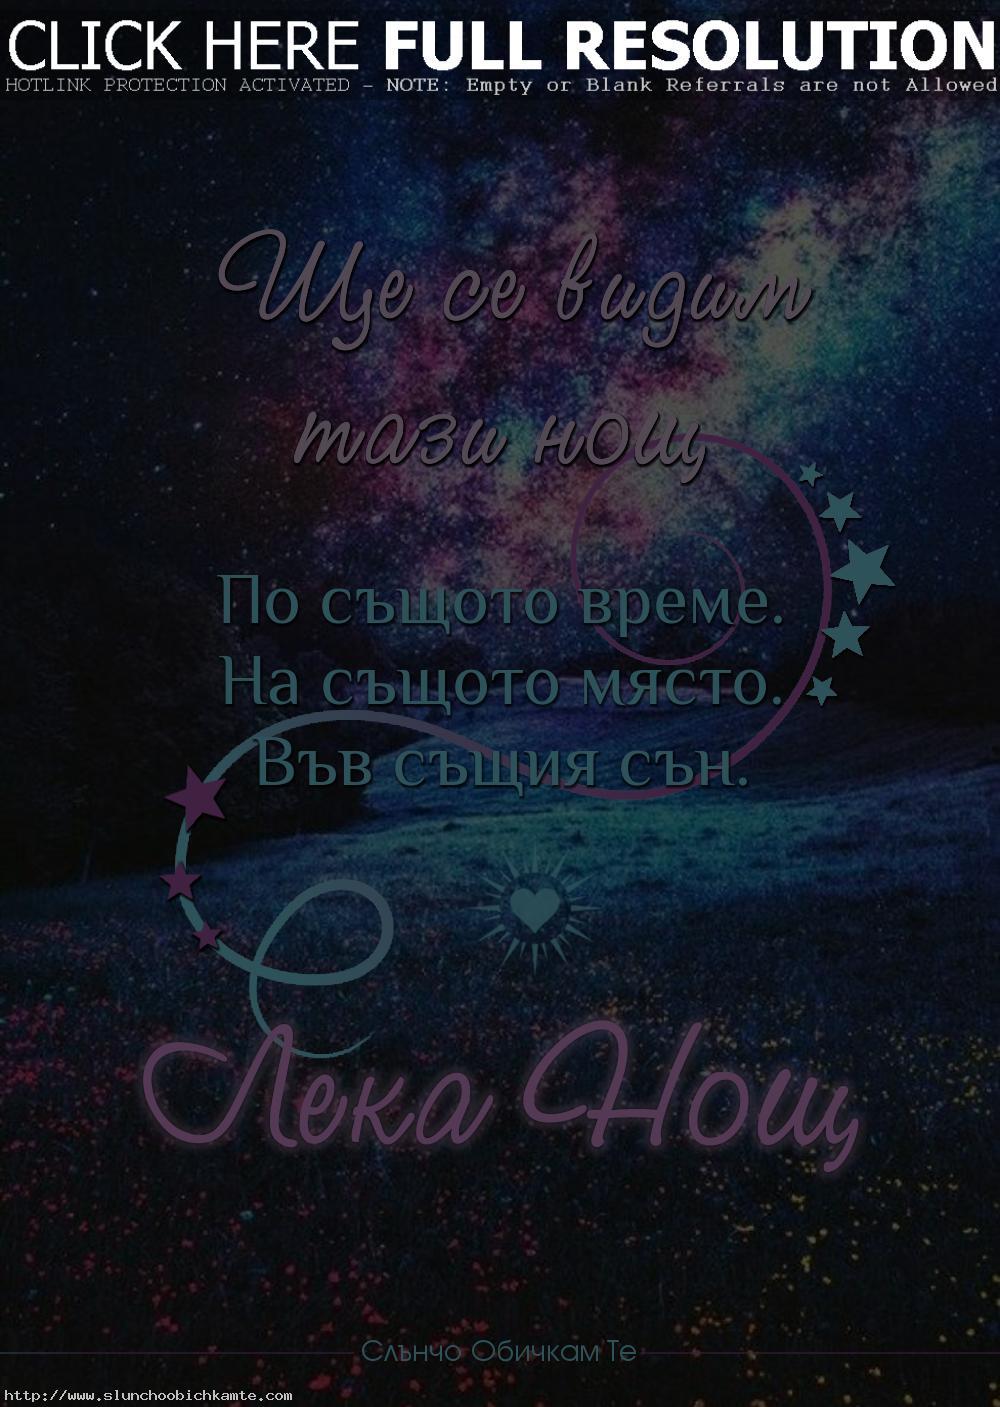 Ще се видим тази нощ. По същото време. На същото място. Във същия сън. Лека нощ! - Любов, пожелания за лека нощ, лека нощ любов, ще те сънувам, лека нощ обичам те, любовни мисли за лека нощ, пожелания за лека нощ, любов от разстояние